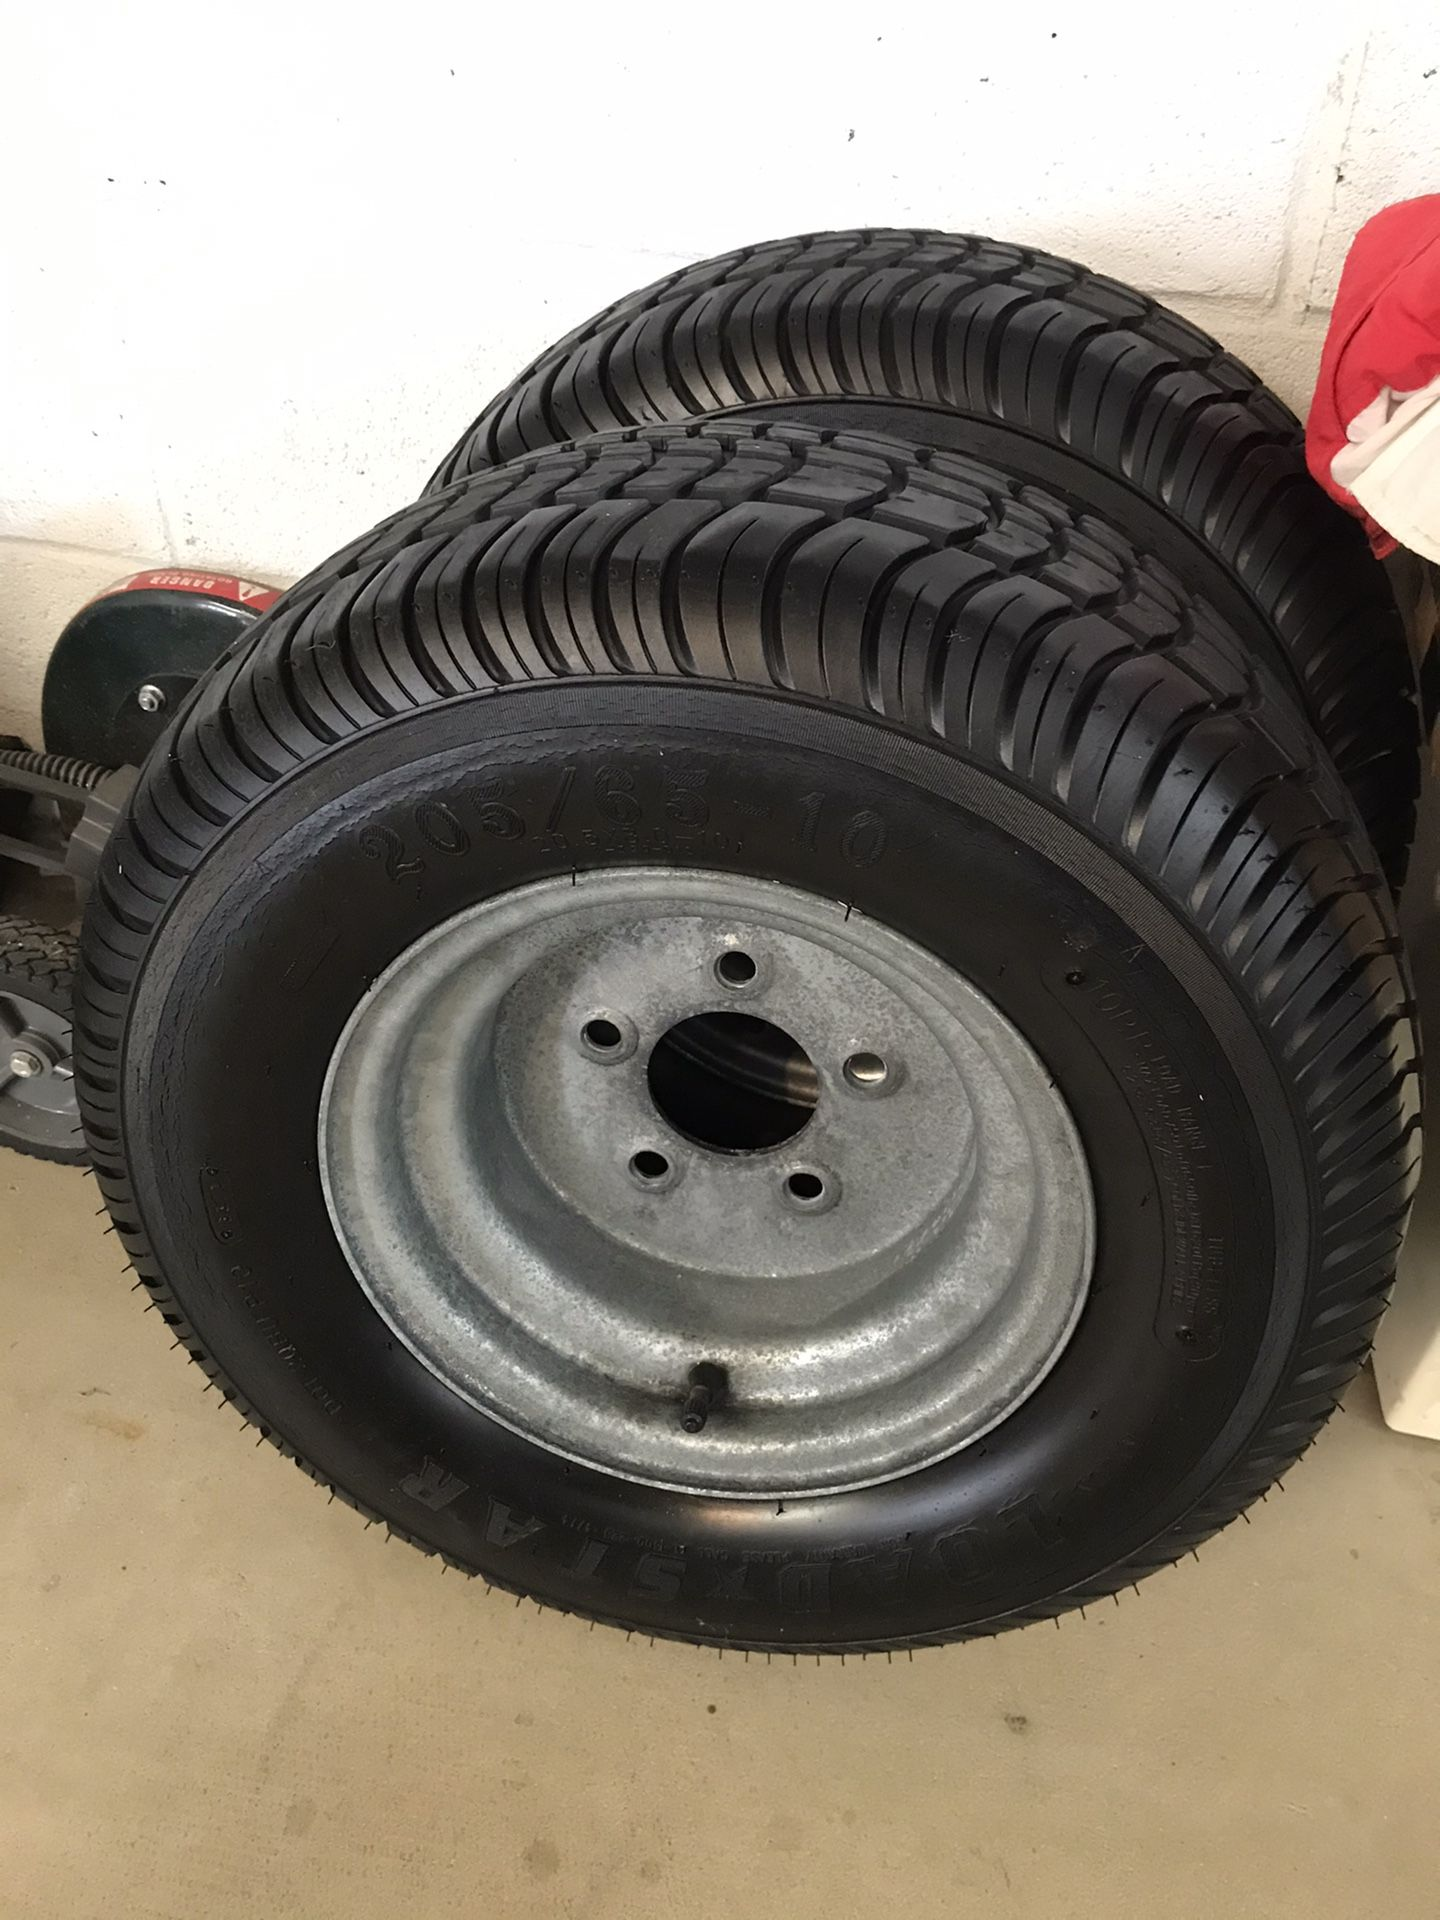 Trailer tire rims